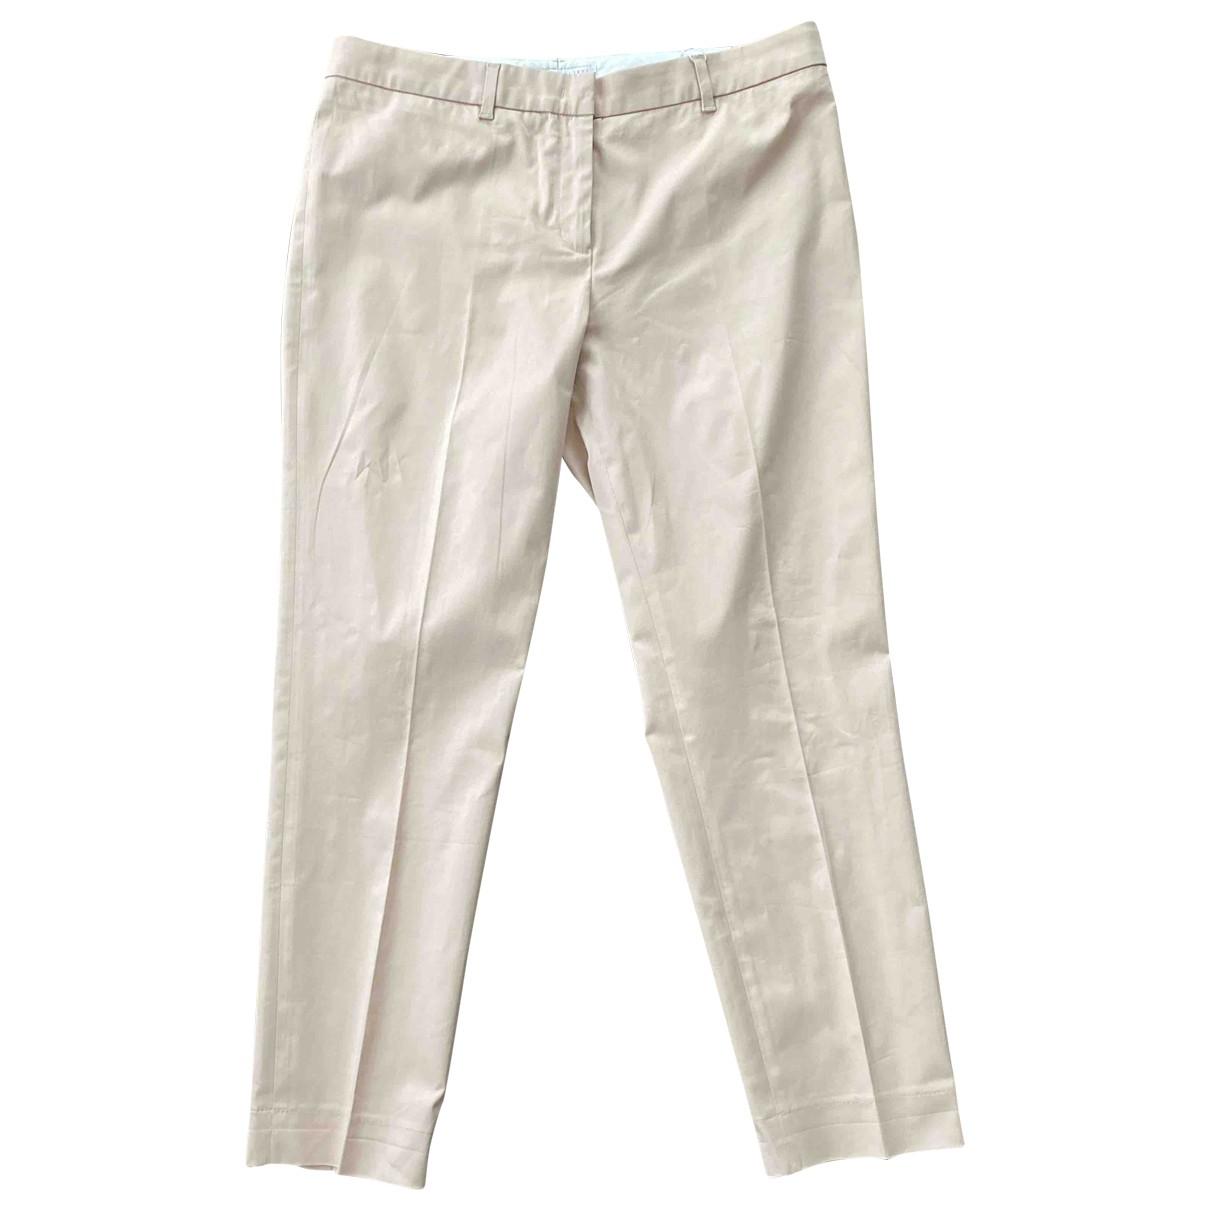 Fabiana Filippi \N Beige Cotton Trousers for Women 44 IT